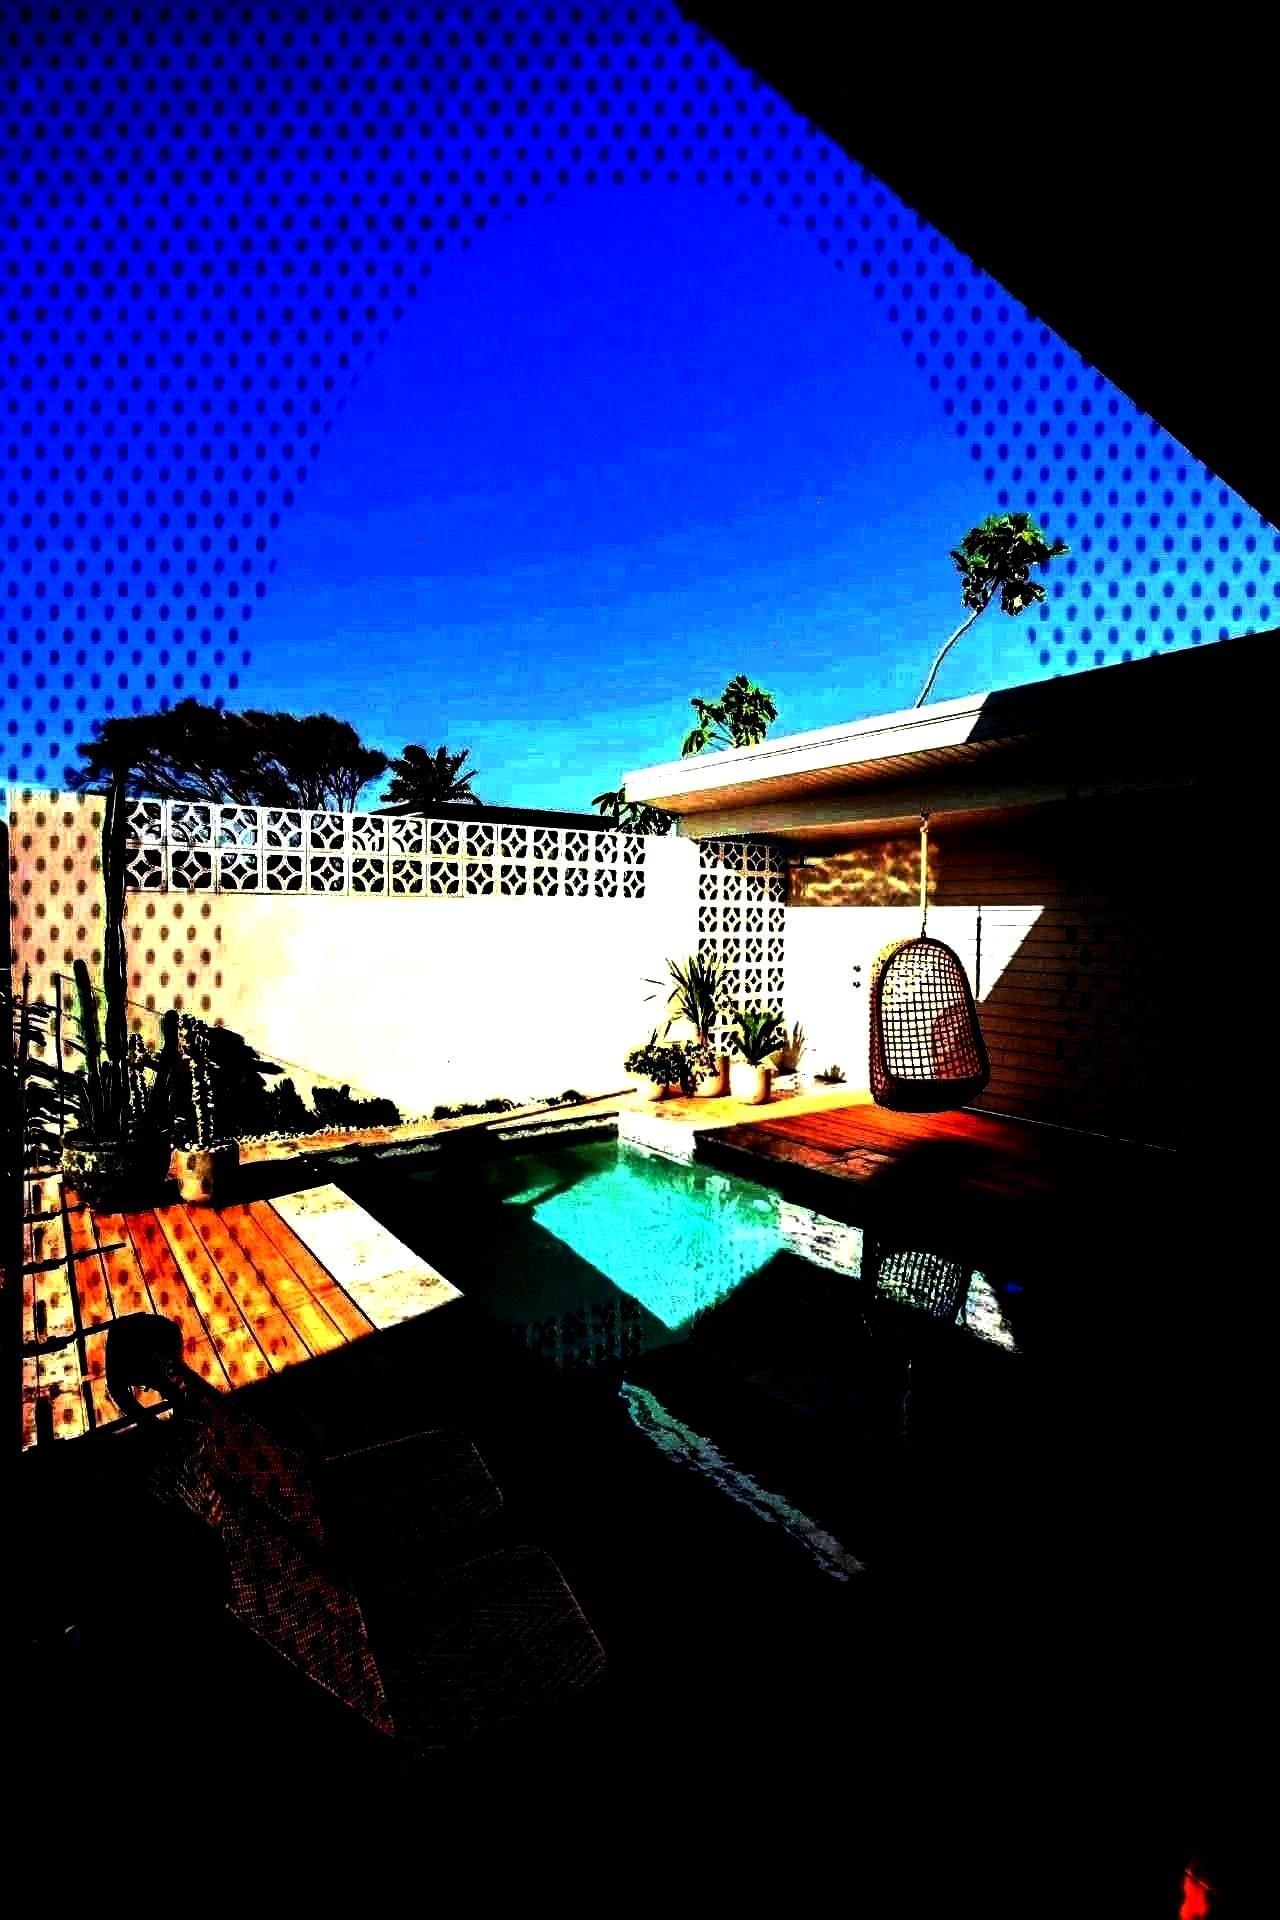 Ocean View, Breathtaking Sunrises, Luxury Home in Palmas del Mar (SC9)pool, Plunge pool,   Endless